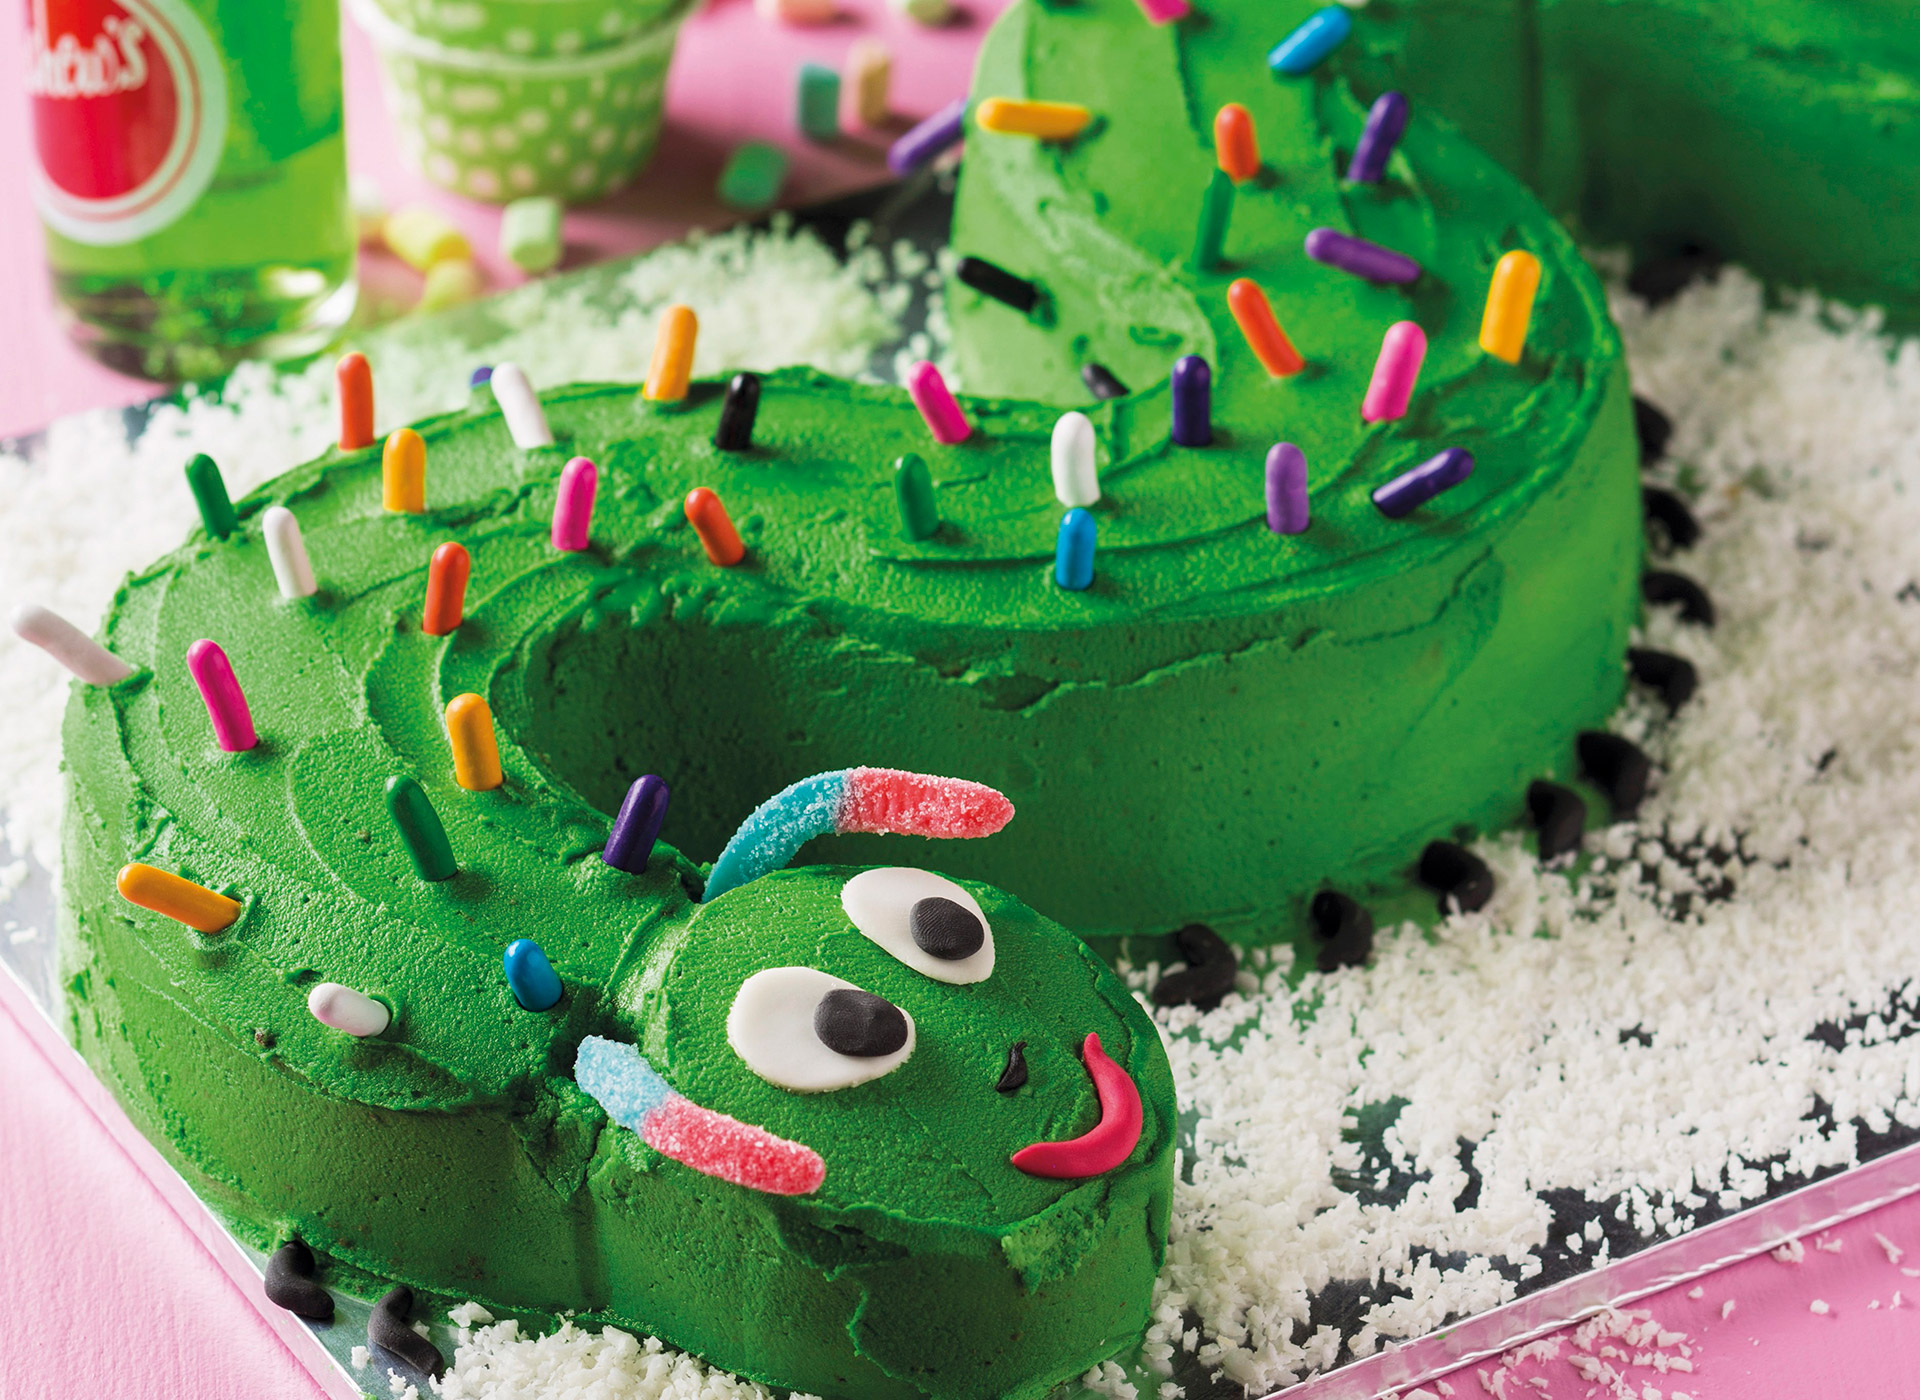 Bursdagskake formet som en grønn slange. Foto.